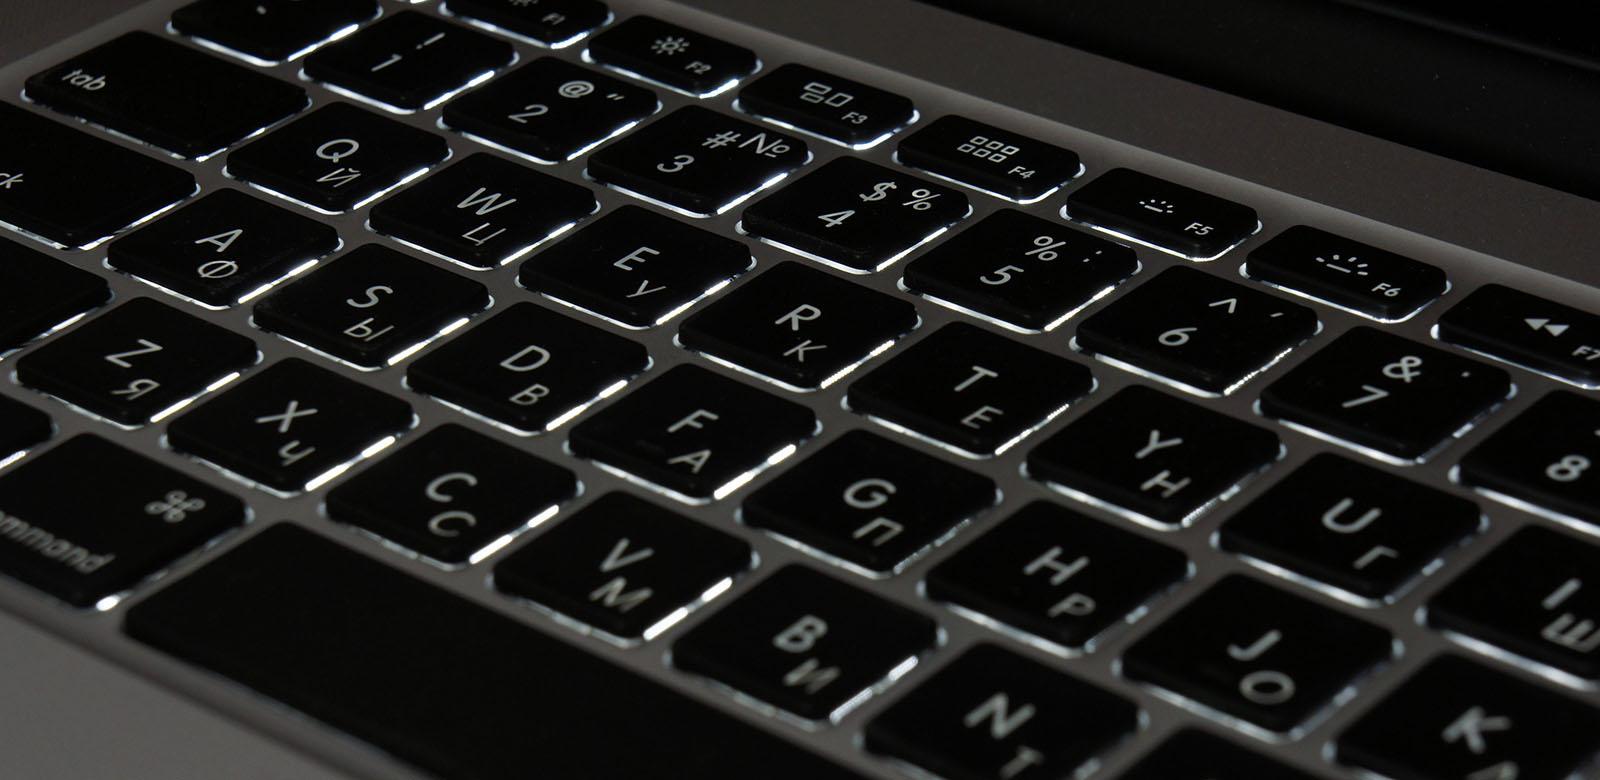 не работает подсветка клавиатуры макбук эйр